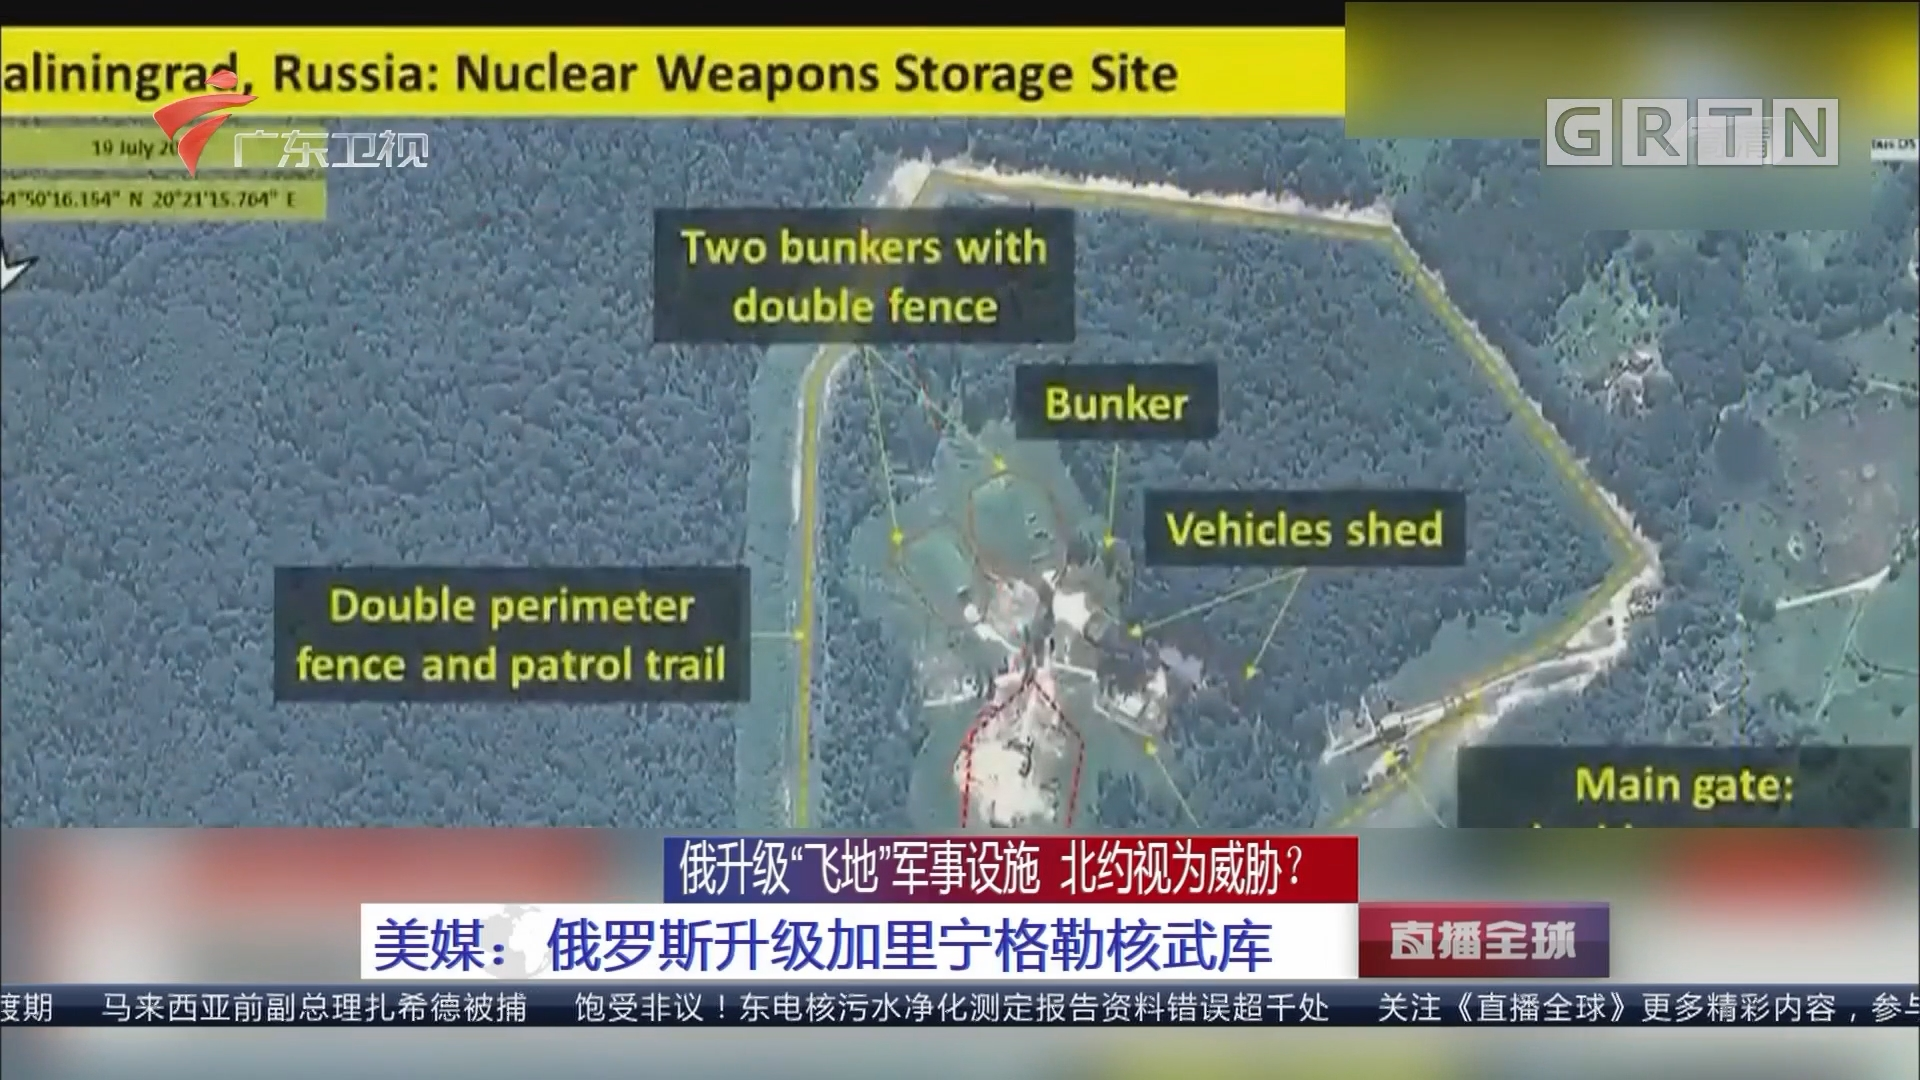 """俄升级""""飞地""""军事设施 北约视为威胁? 美媒:俄罗斯升级加里宁格勒核武库"""